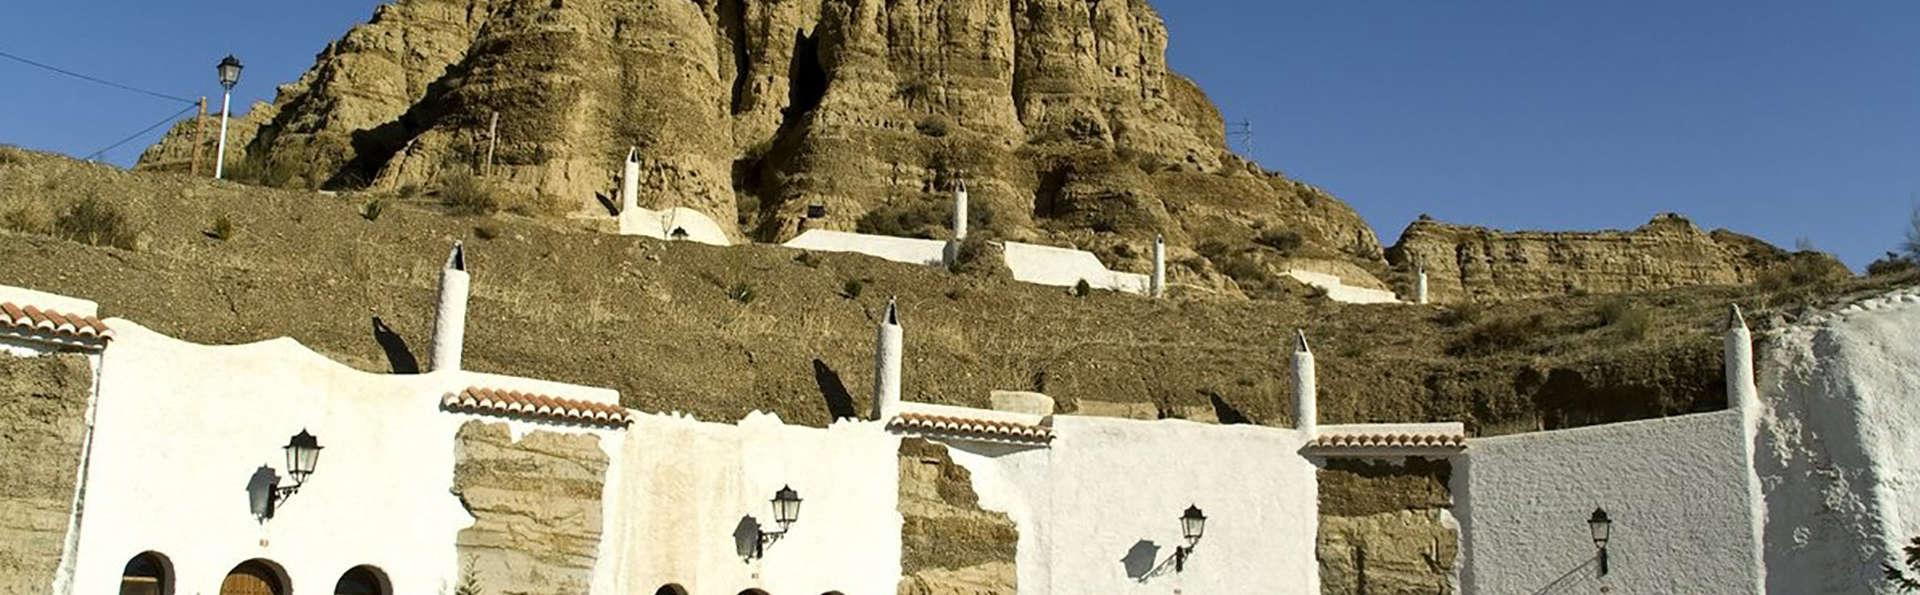 Dormez dans une grotte à un pas de Guadix, en Andalousie